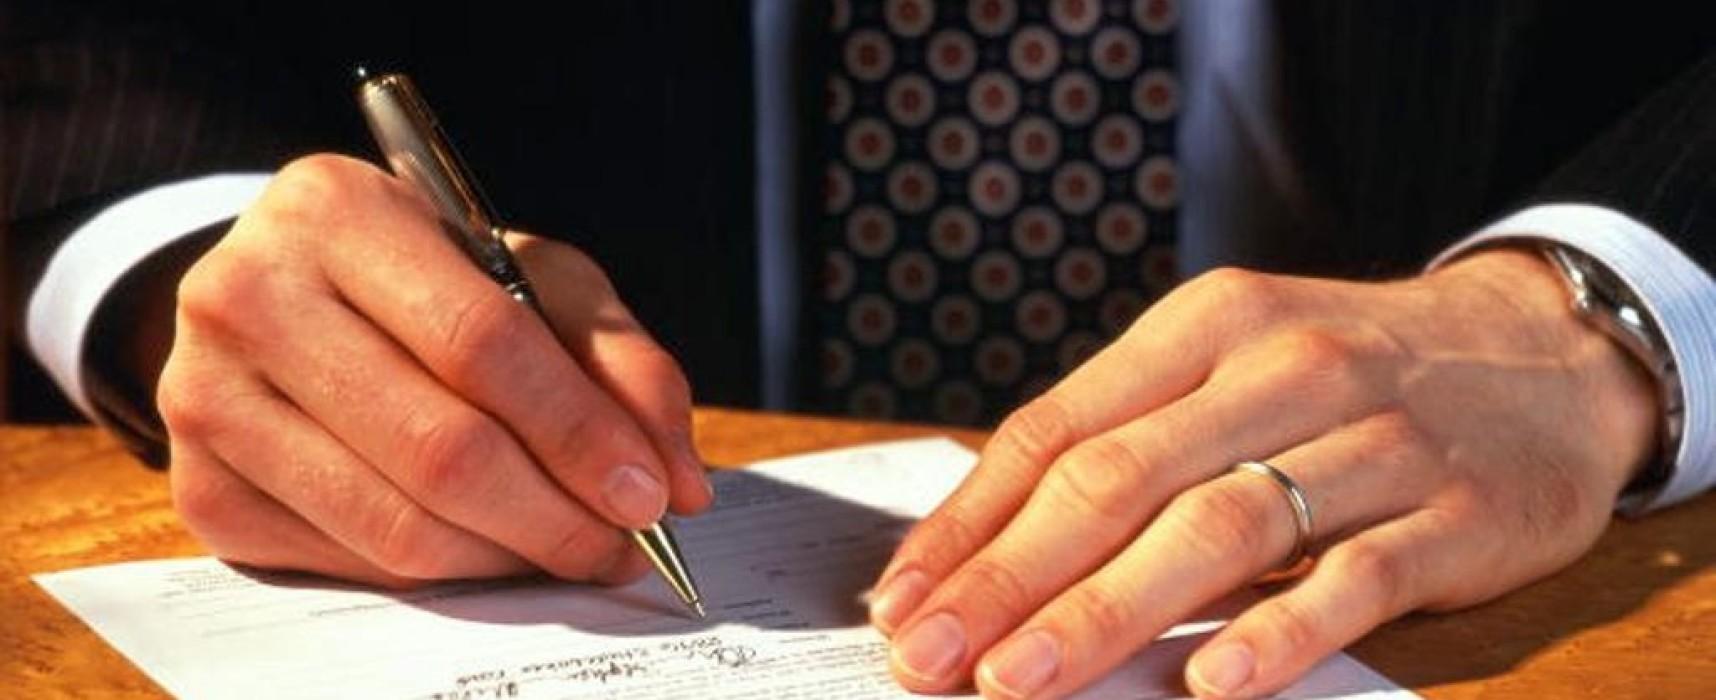 Всегда ли необходим трудовой договор с работодателем?